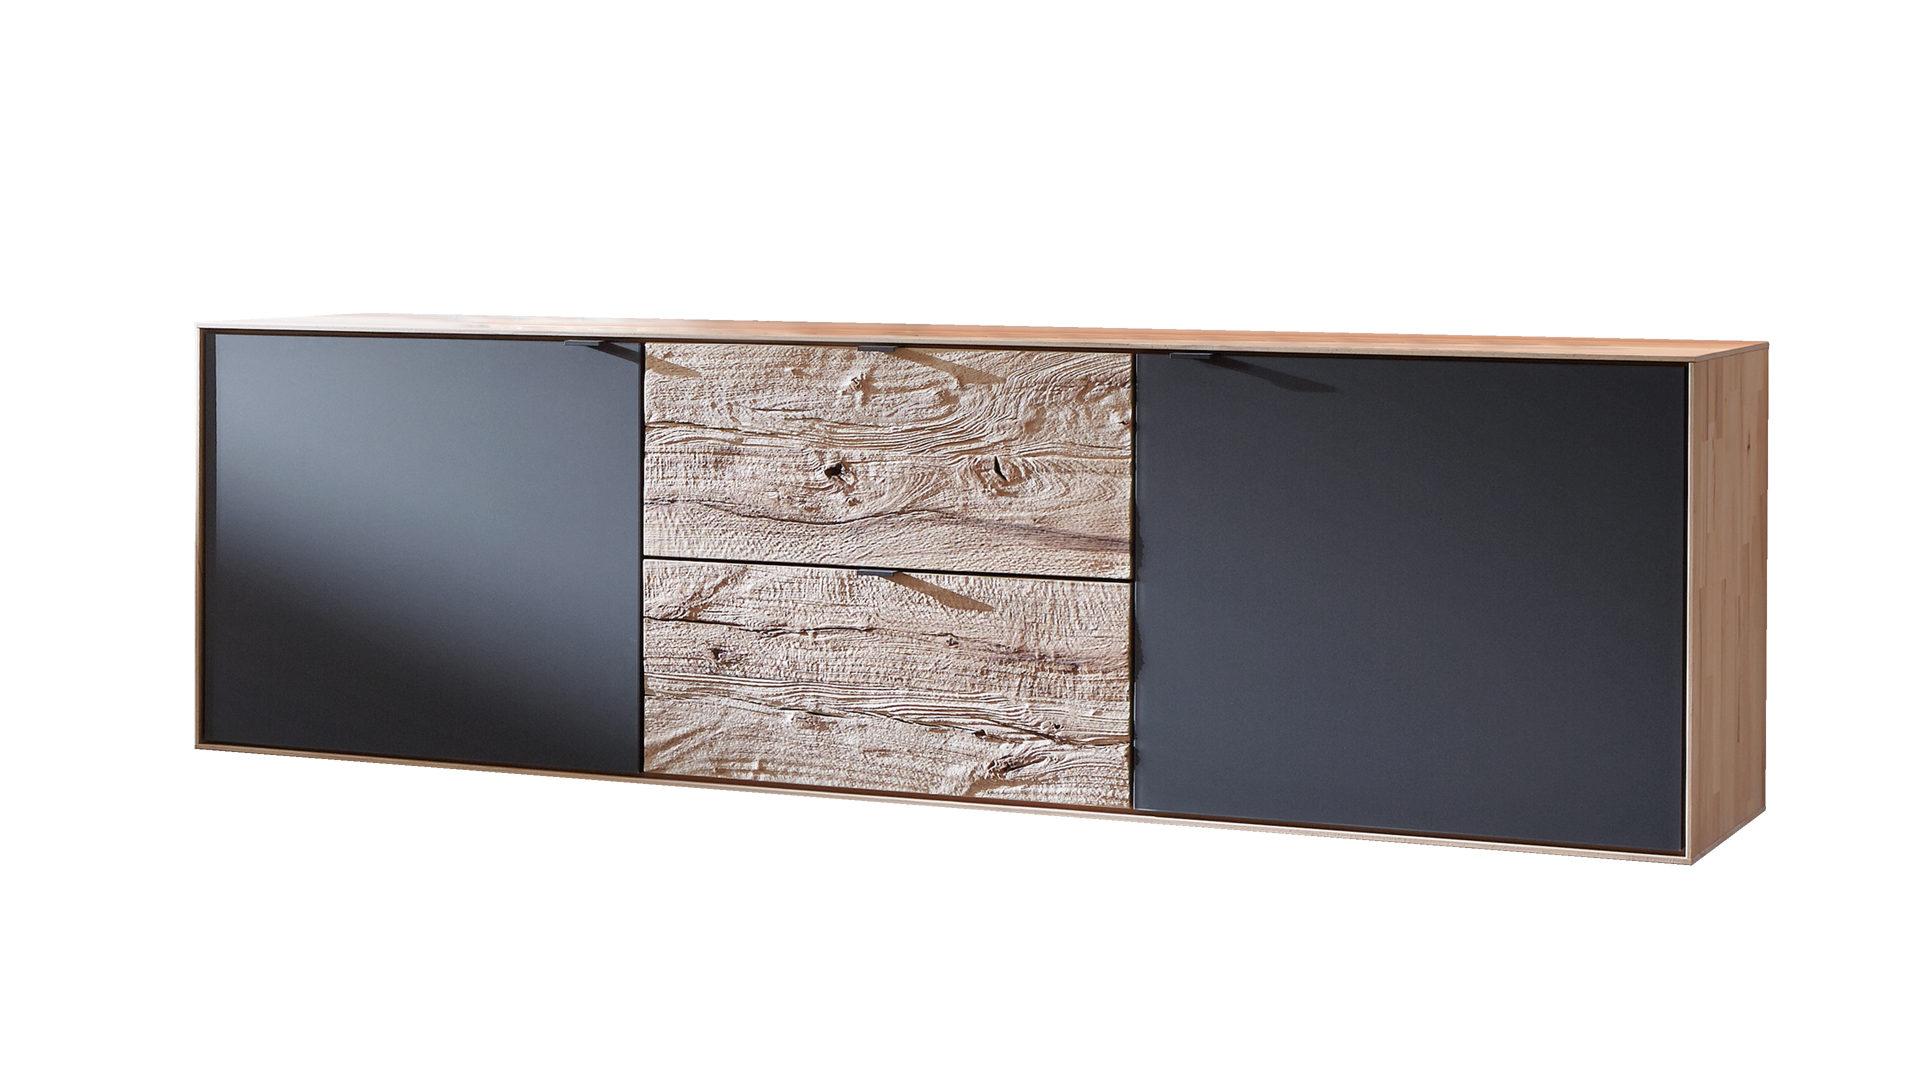 Hertel Mobel E K Gesees Raume Esszimmer Kommoden Sideboards